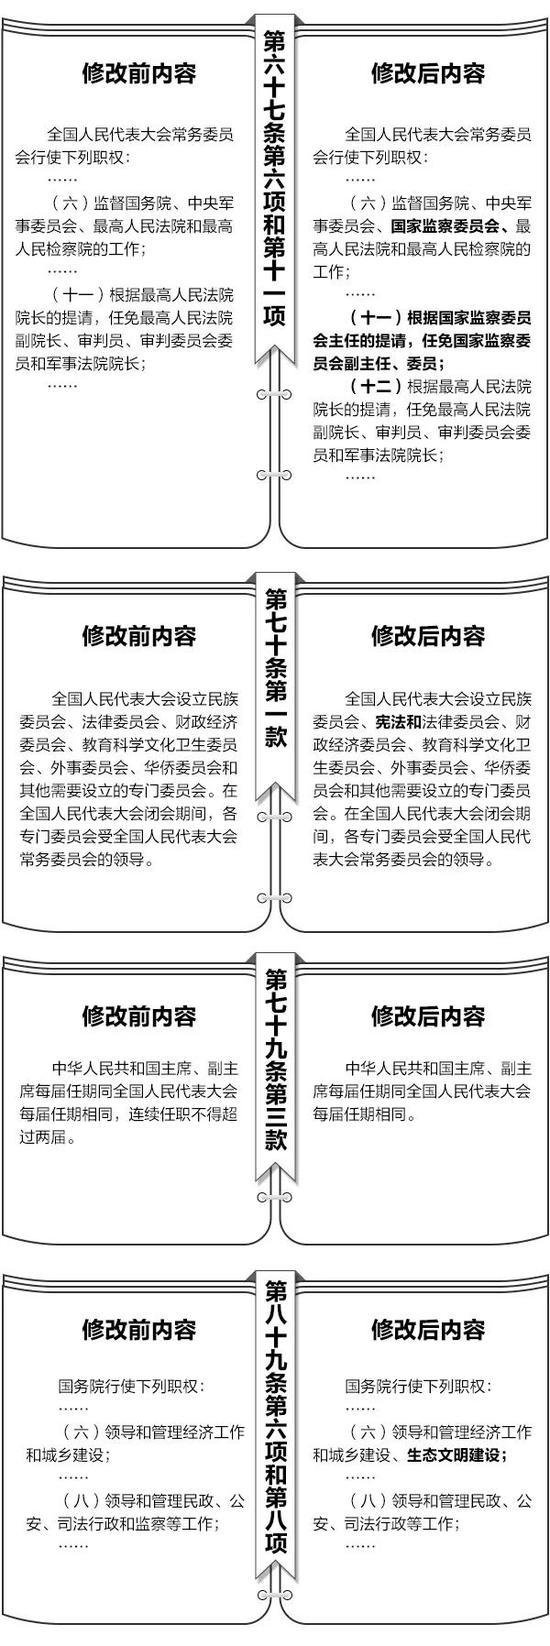 澳门赌博送彩金体验:宪法修改前后内容对照表